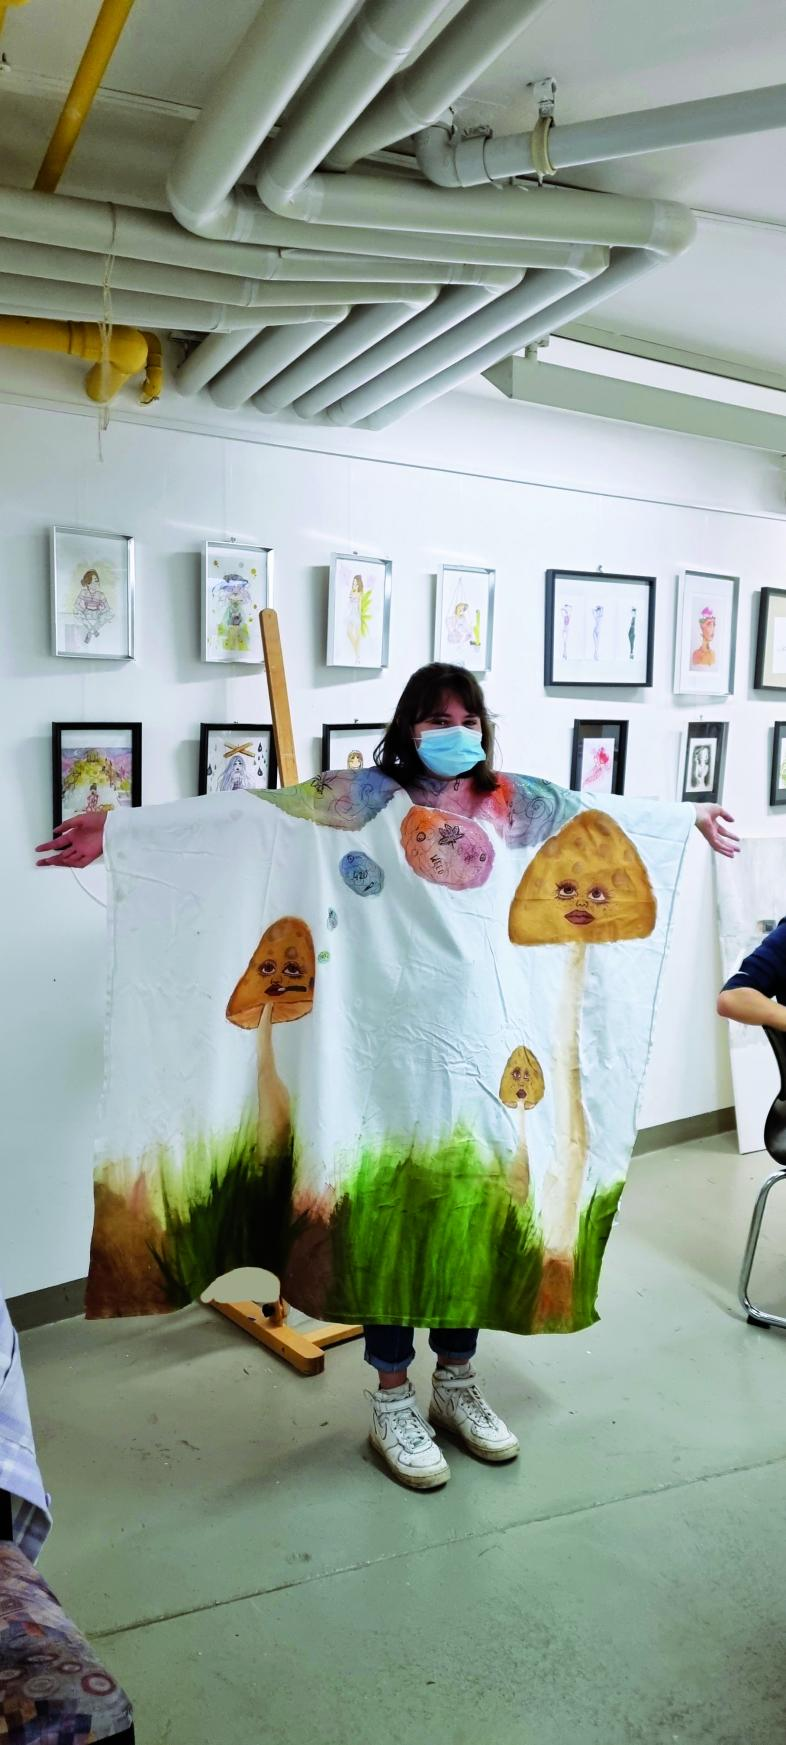 Sina präsentiert einen im Atelier gestalteten Umhang. Er war ursprünglich weiß und wurde mit mehreren Pilzen mit Gesichtern und weiteren bunten  Bildern bemalt.